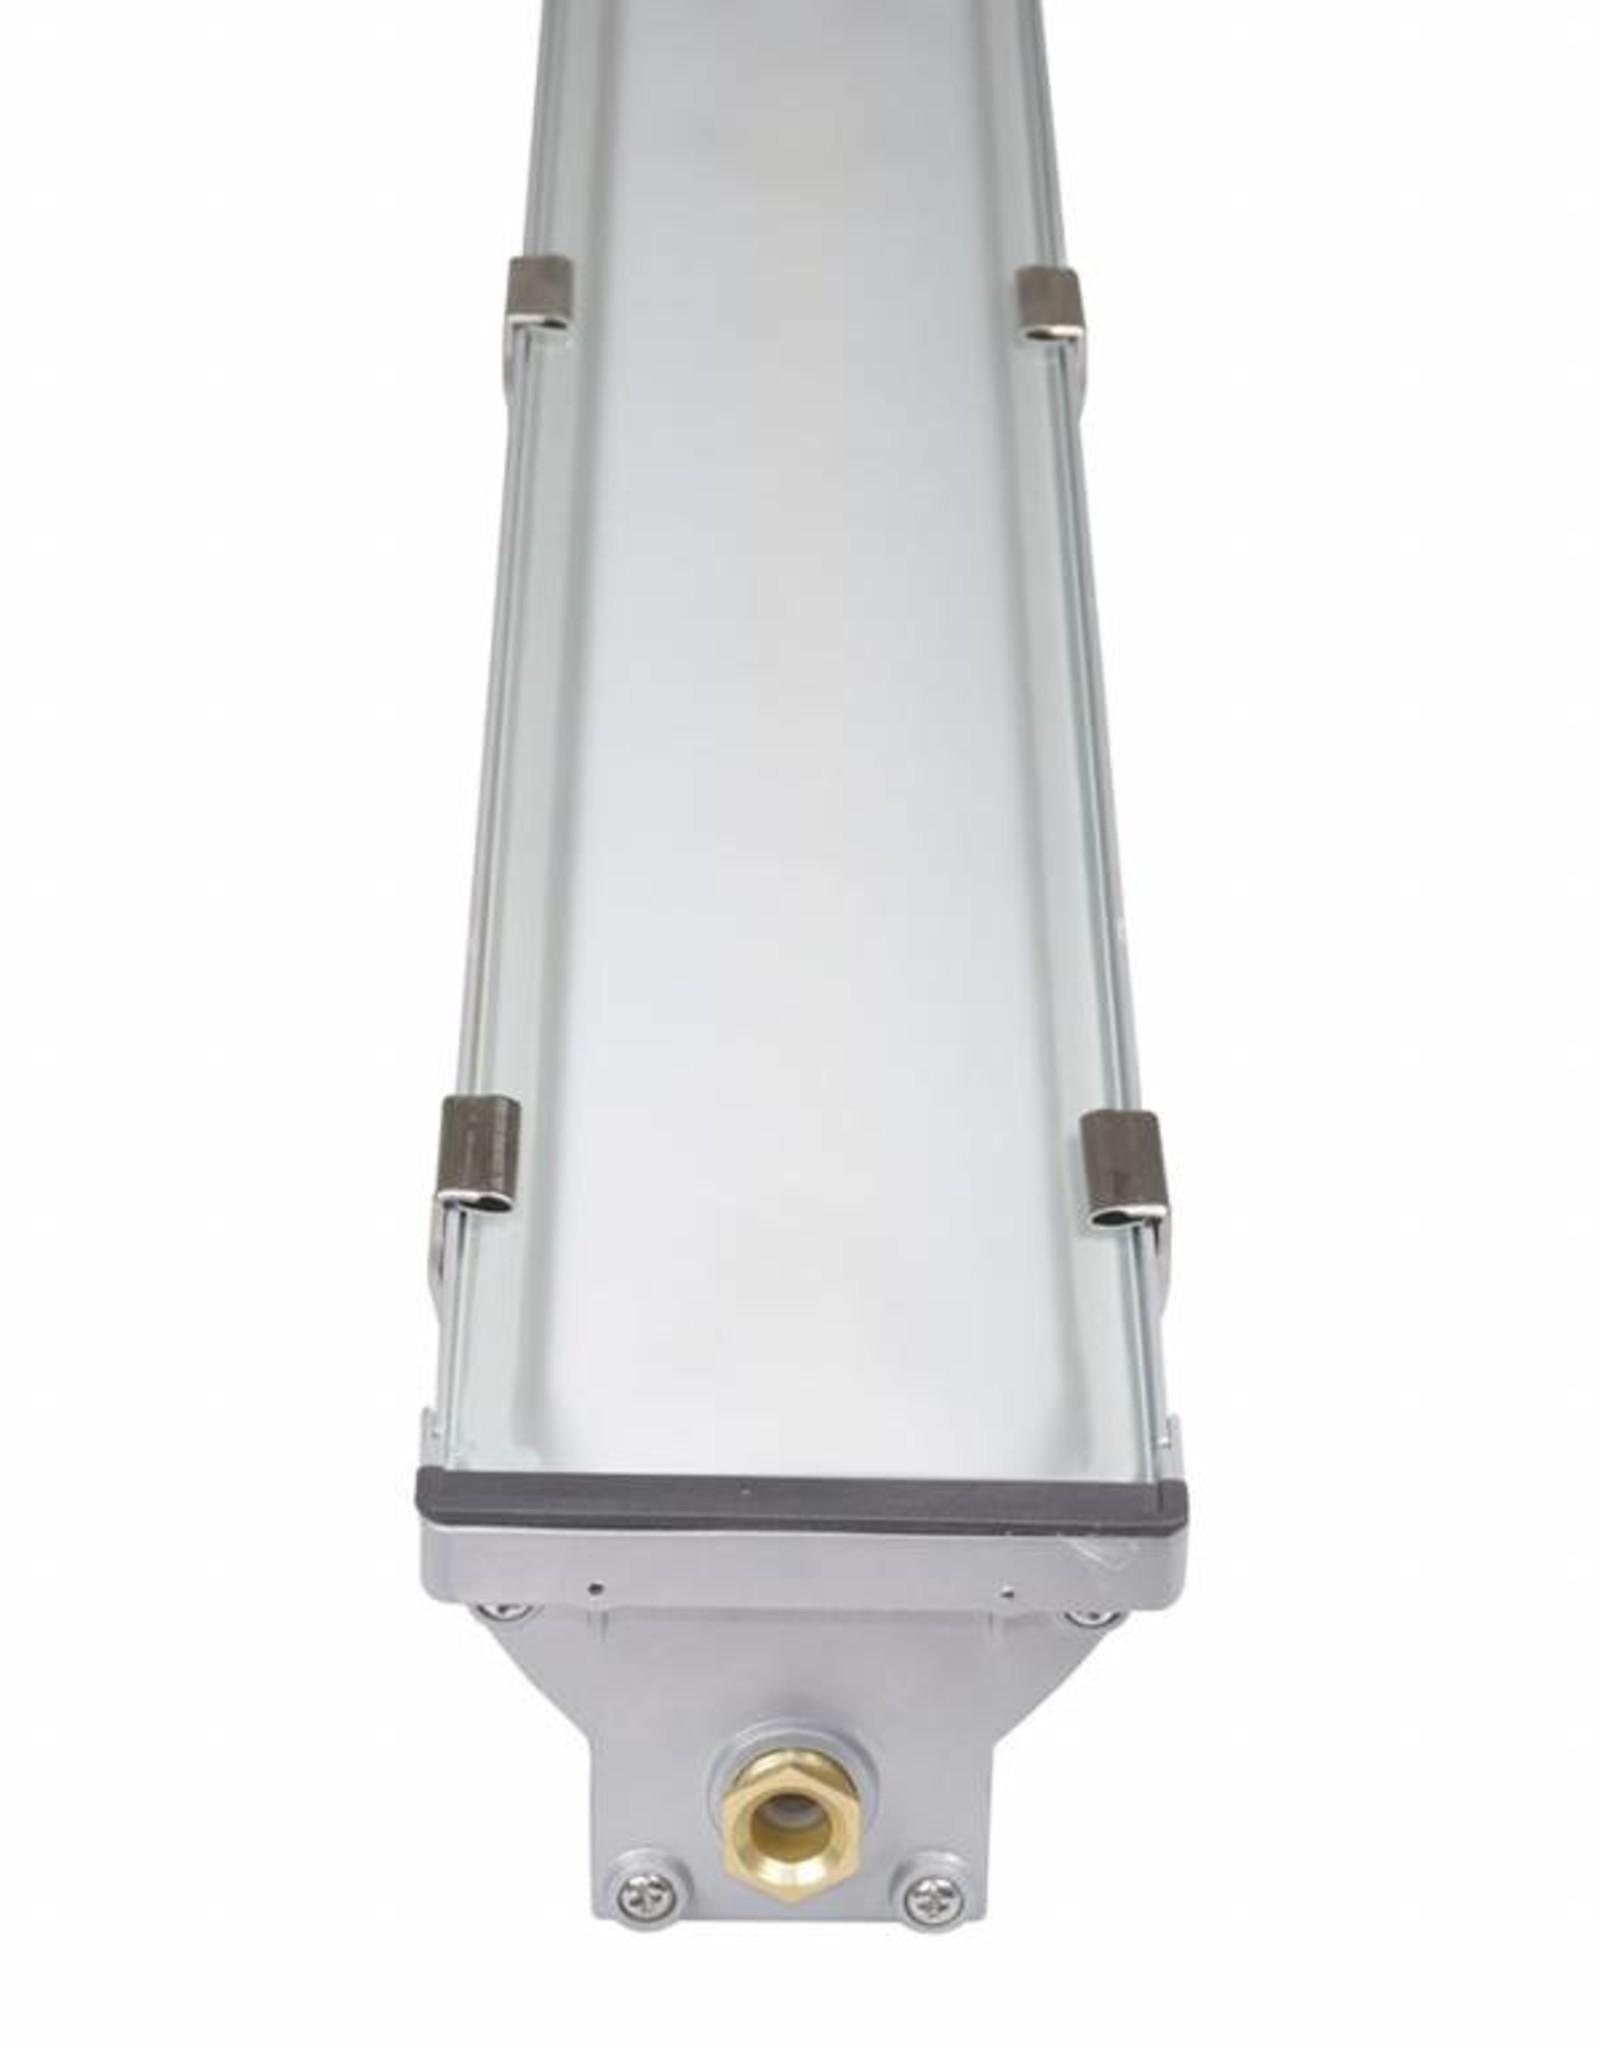 ALUMAX LED 1.5 Ft 5500/840